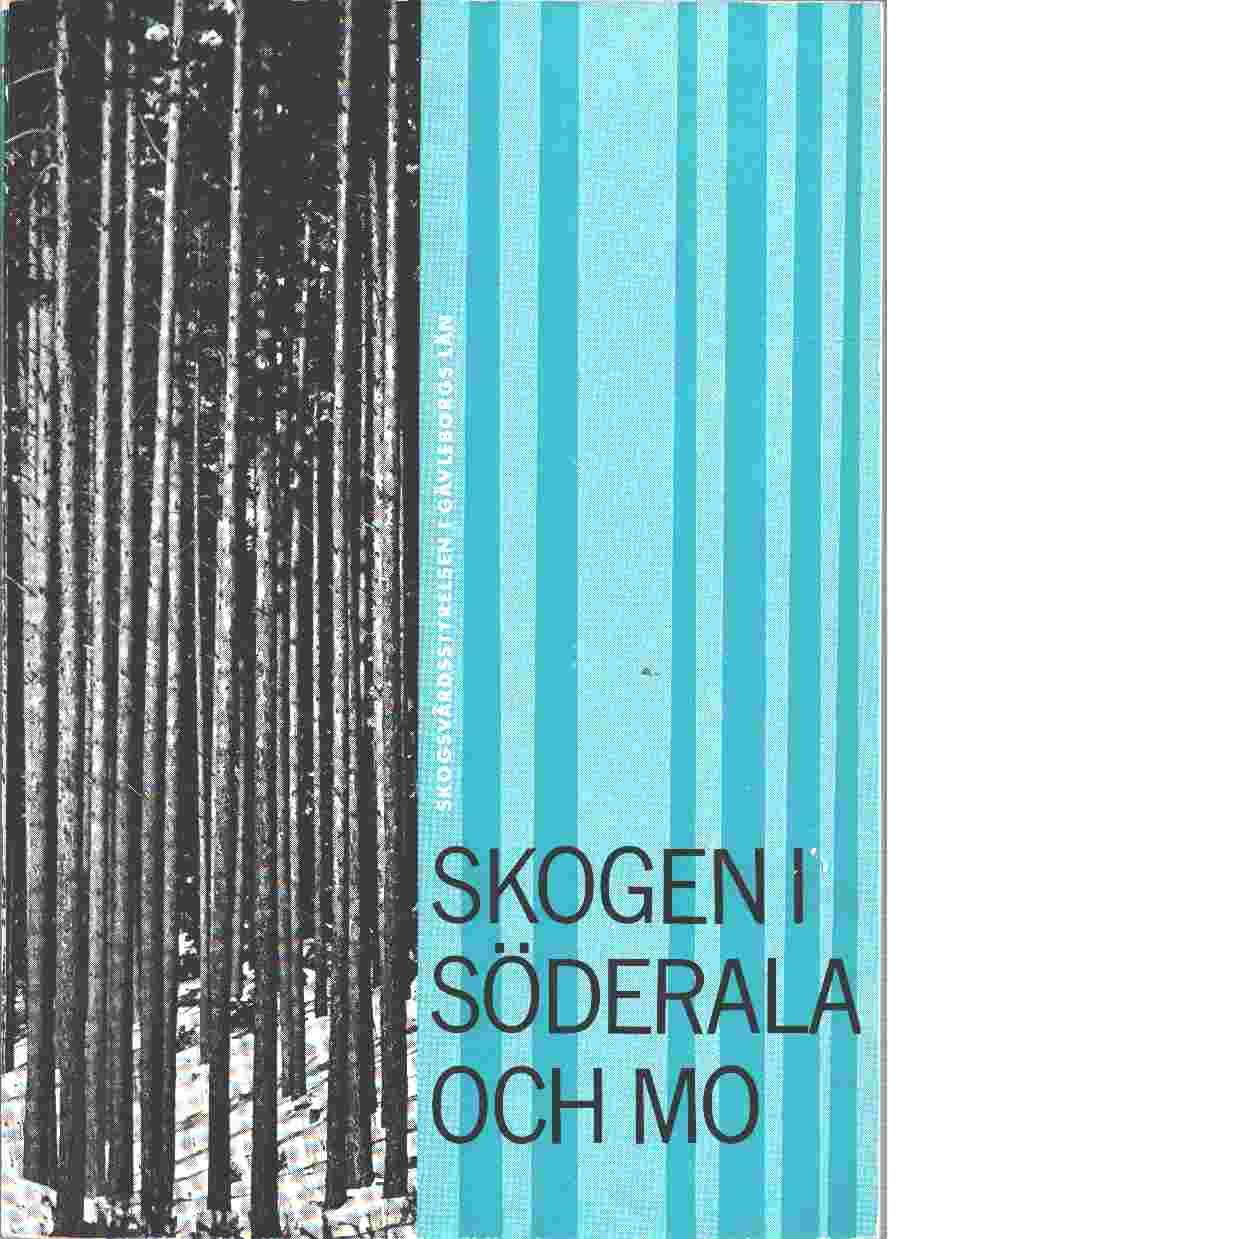 Skogen i Söderala och Mo - Sotter, Kaljo,   och  Hedlund, Pelle